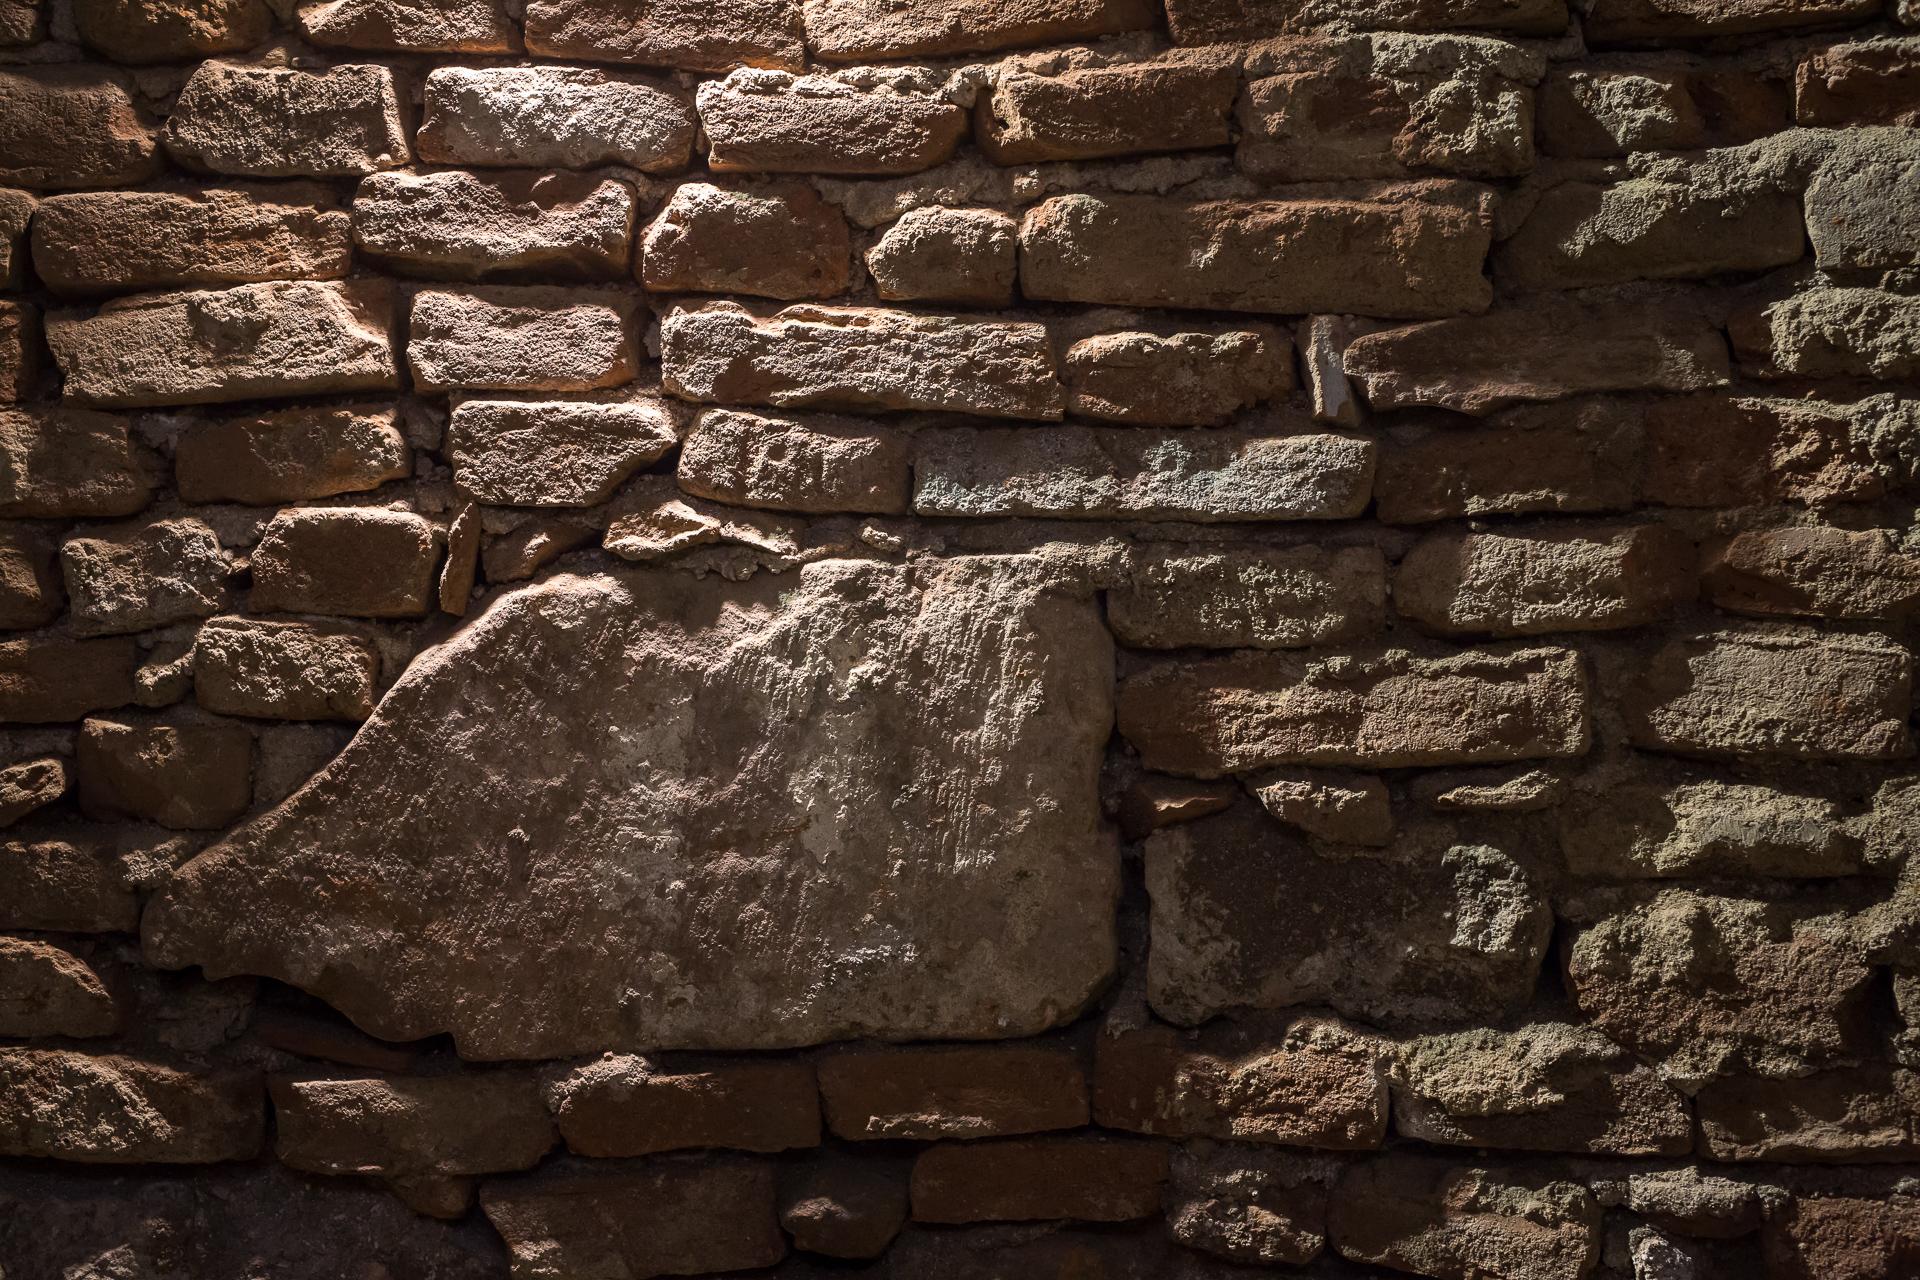 Fouilles archélogiques - 9 février 2015 - Bibliothèque Humani